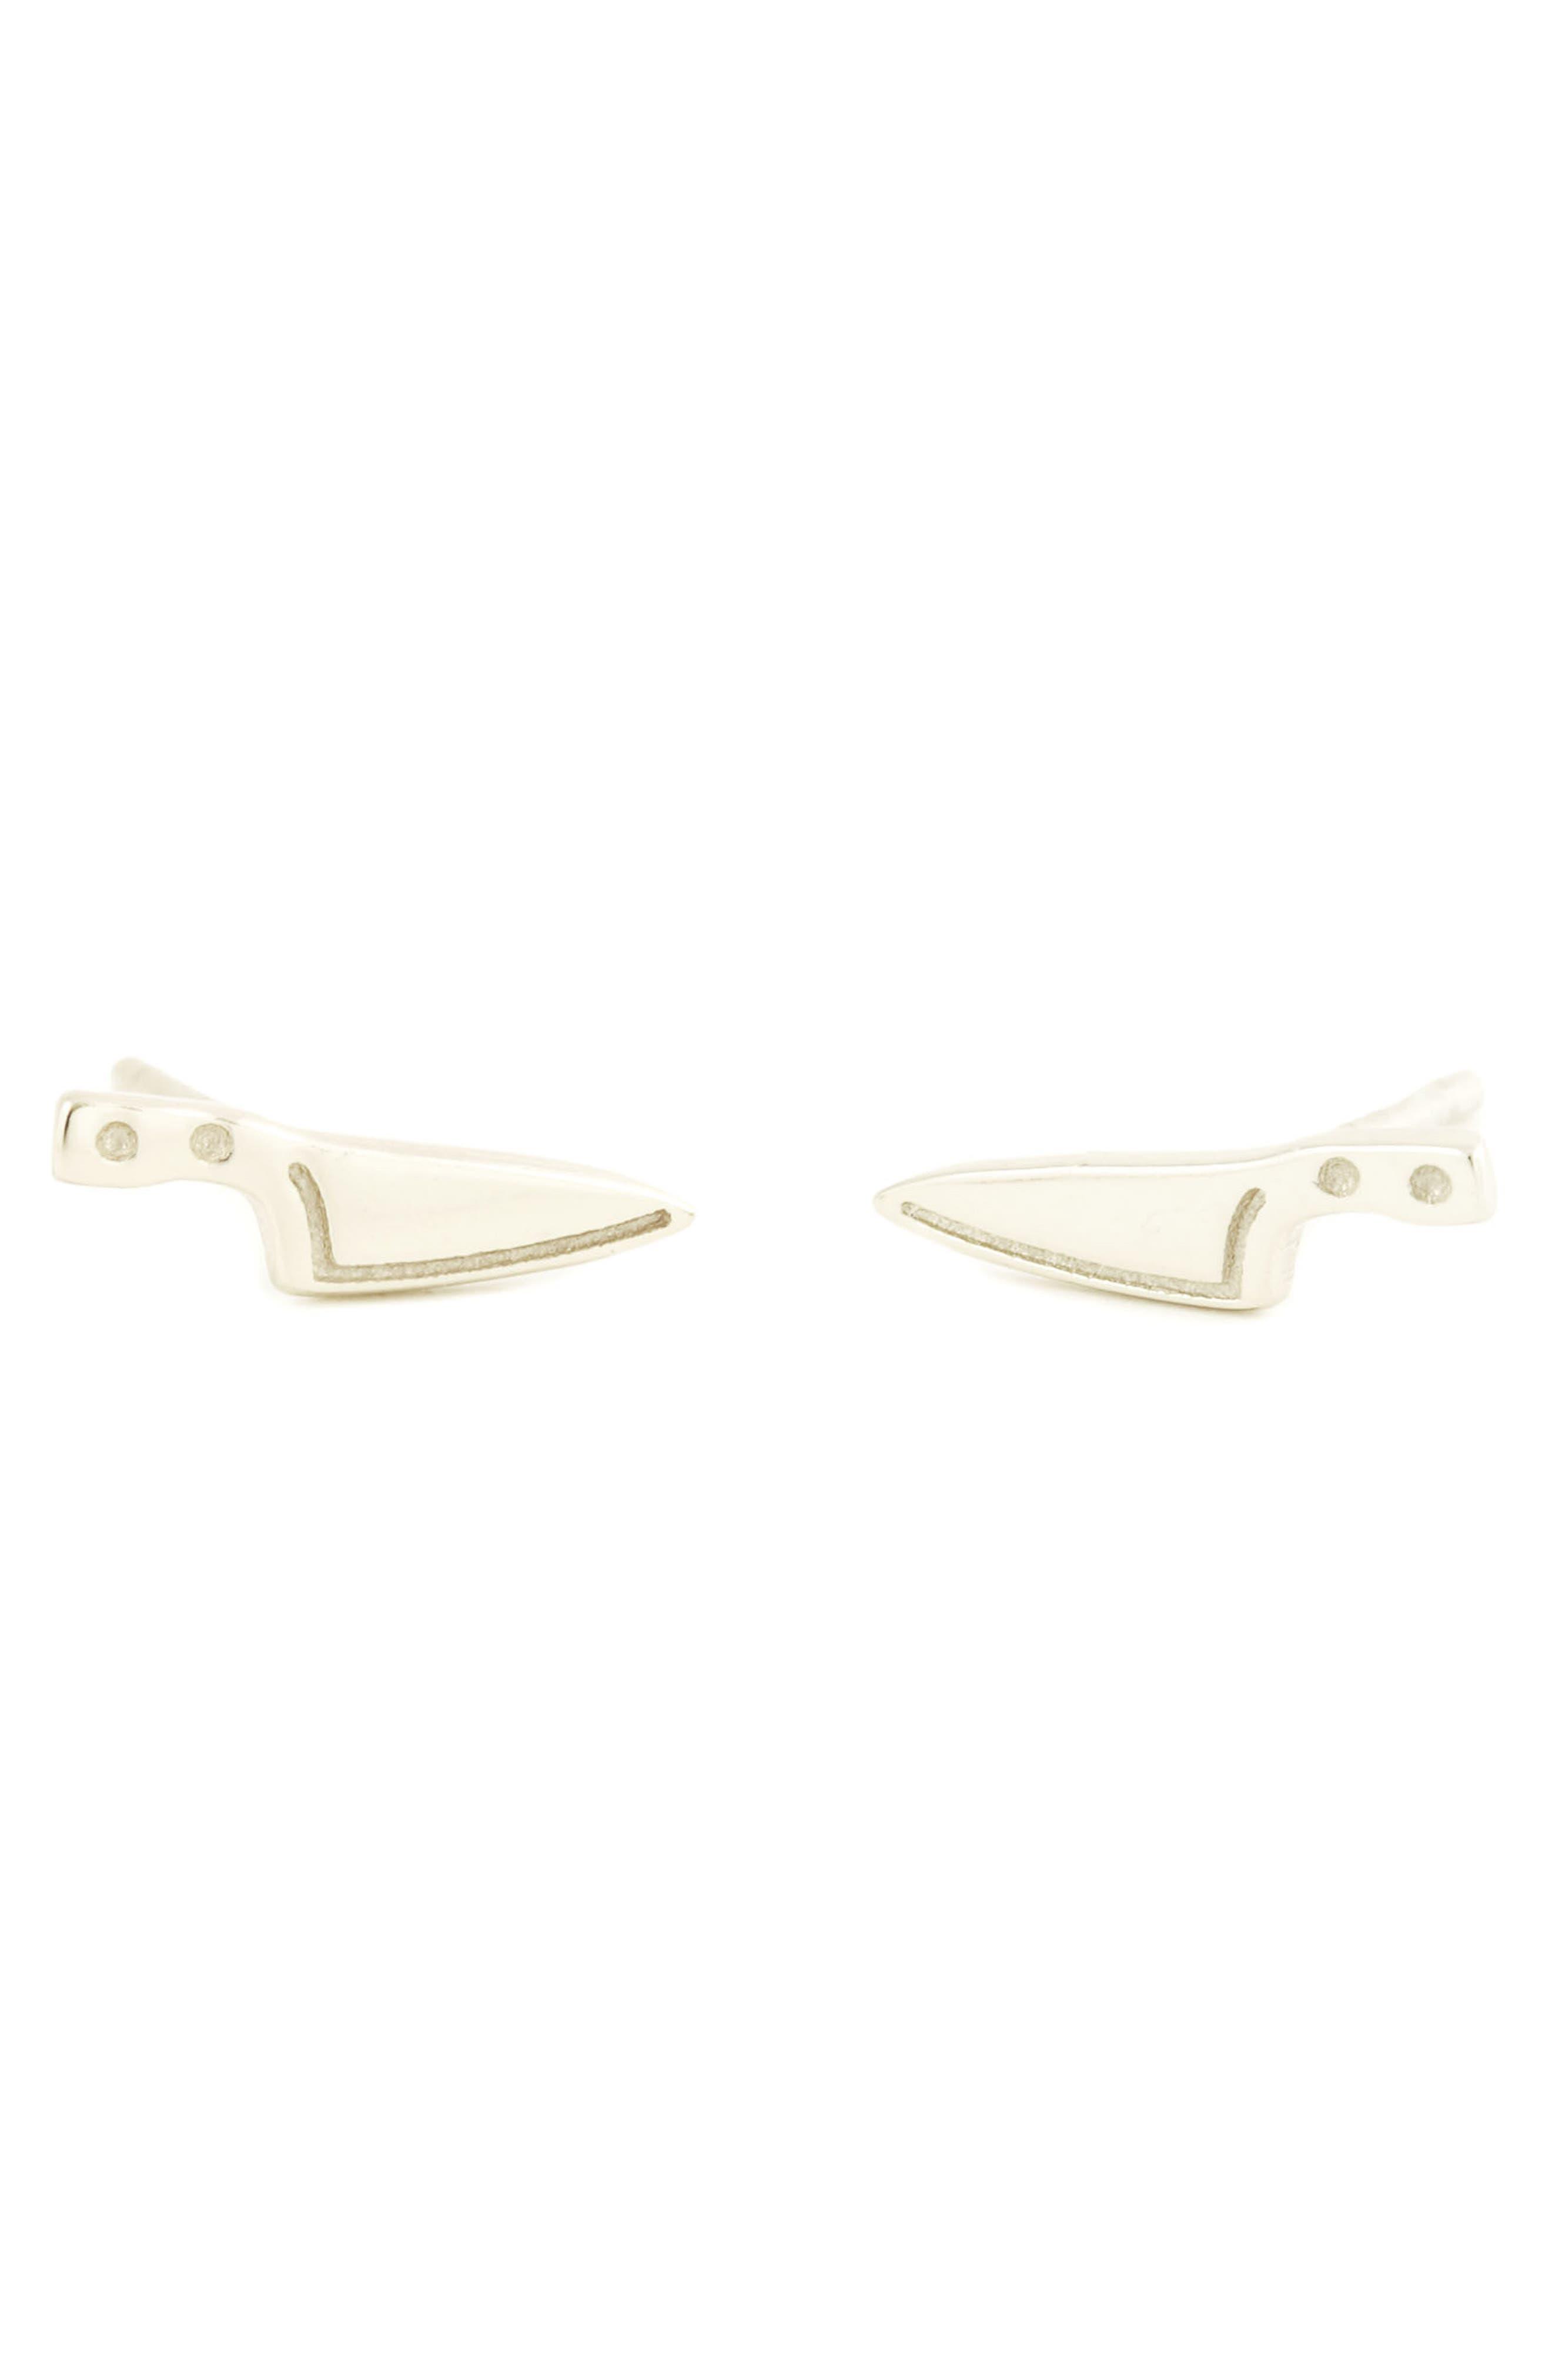 Alternate Image 1 Selected - Kris Nations Knife Stud Earrings